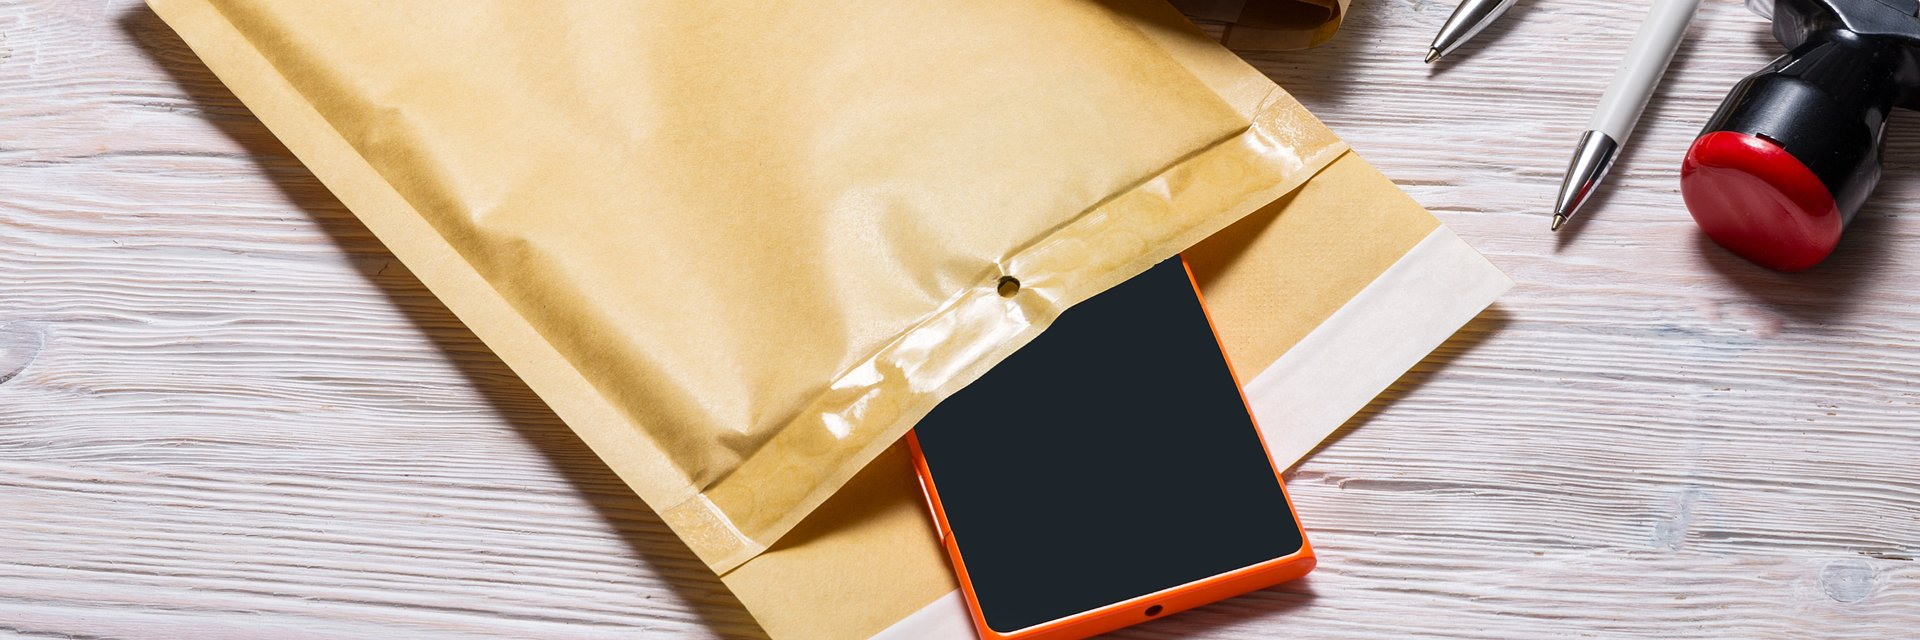 Listopaczka – nowa propozycja dla e-commerce